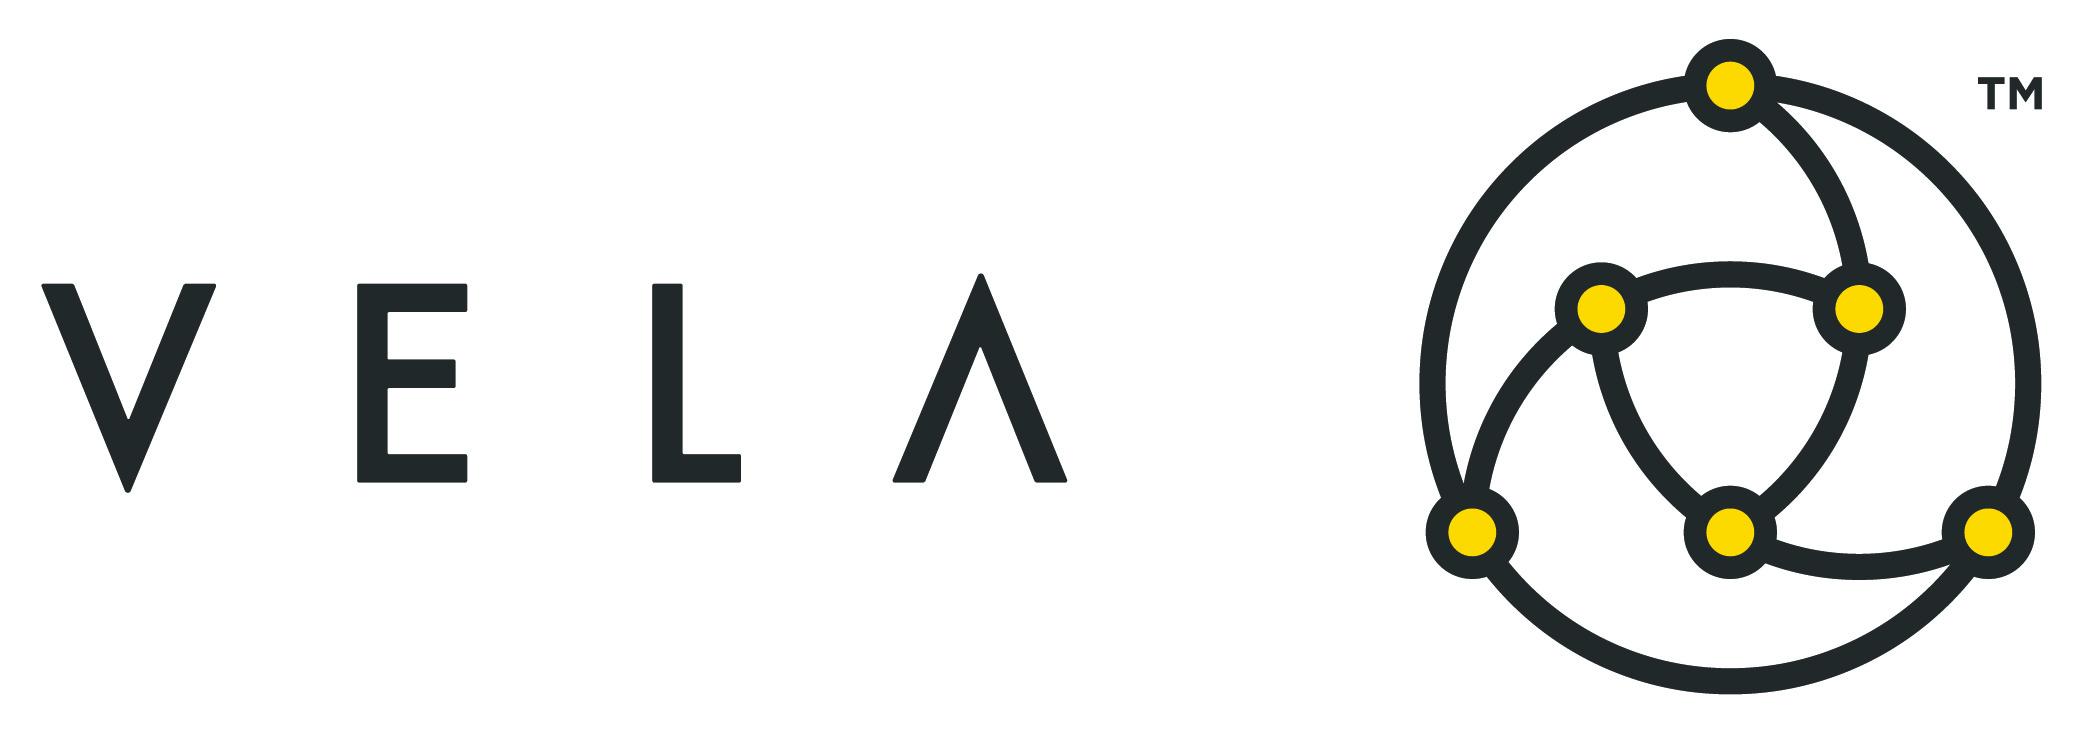 vela-logo_color.jpg